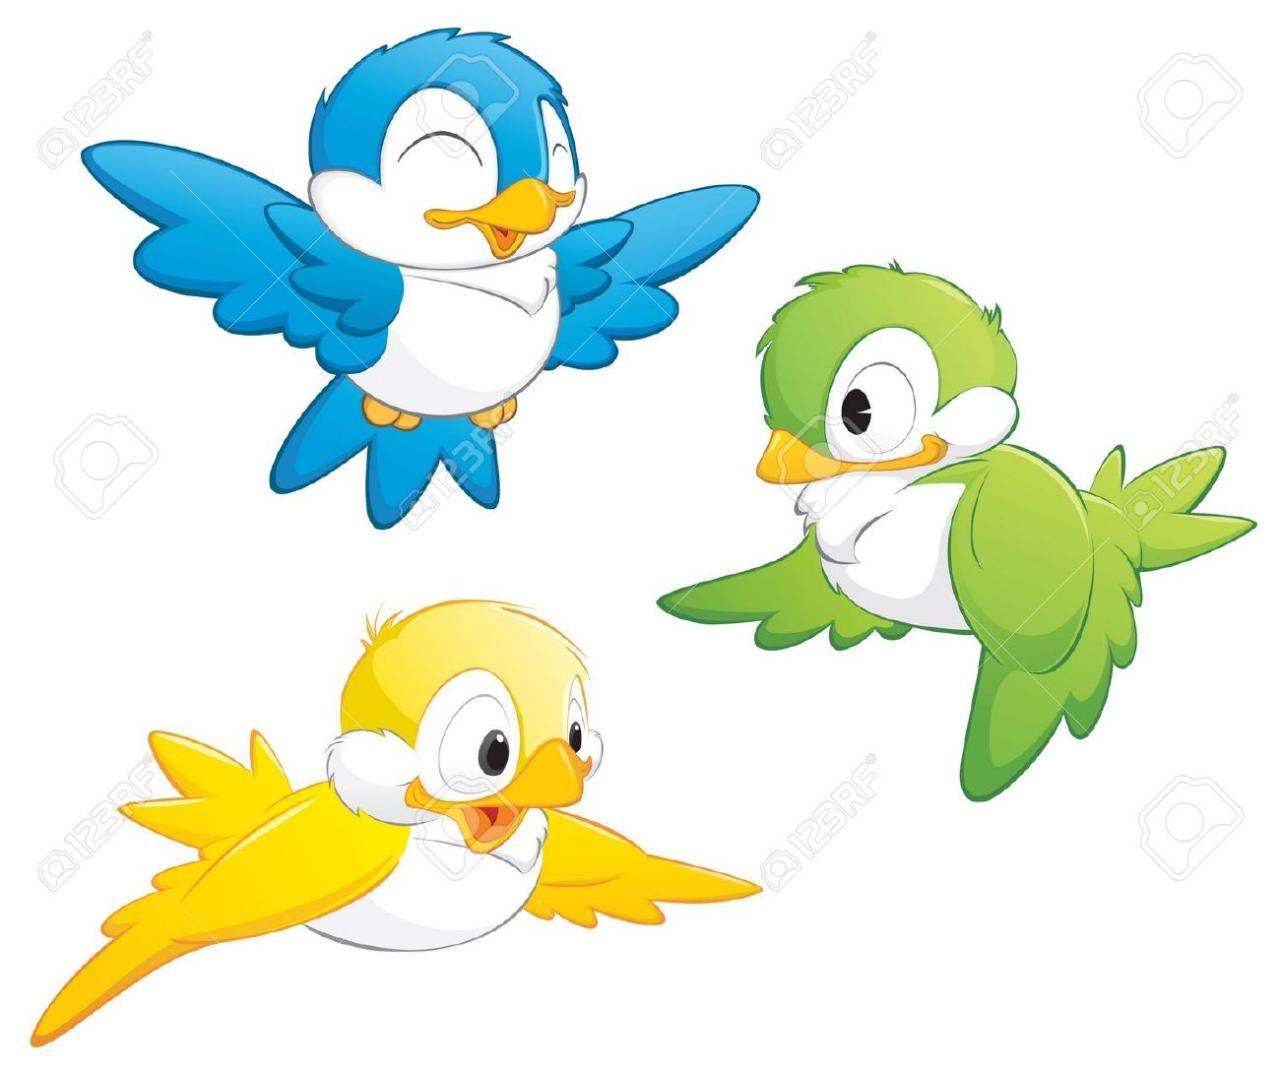 صور طيور مرسومه , صور لتعليم طفلك رسم طائر  المرأة العصرية